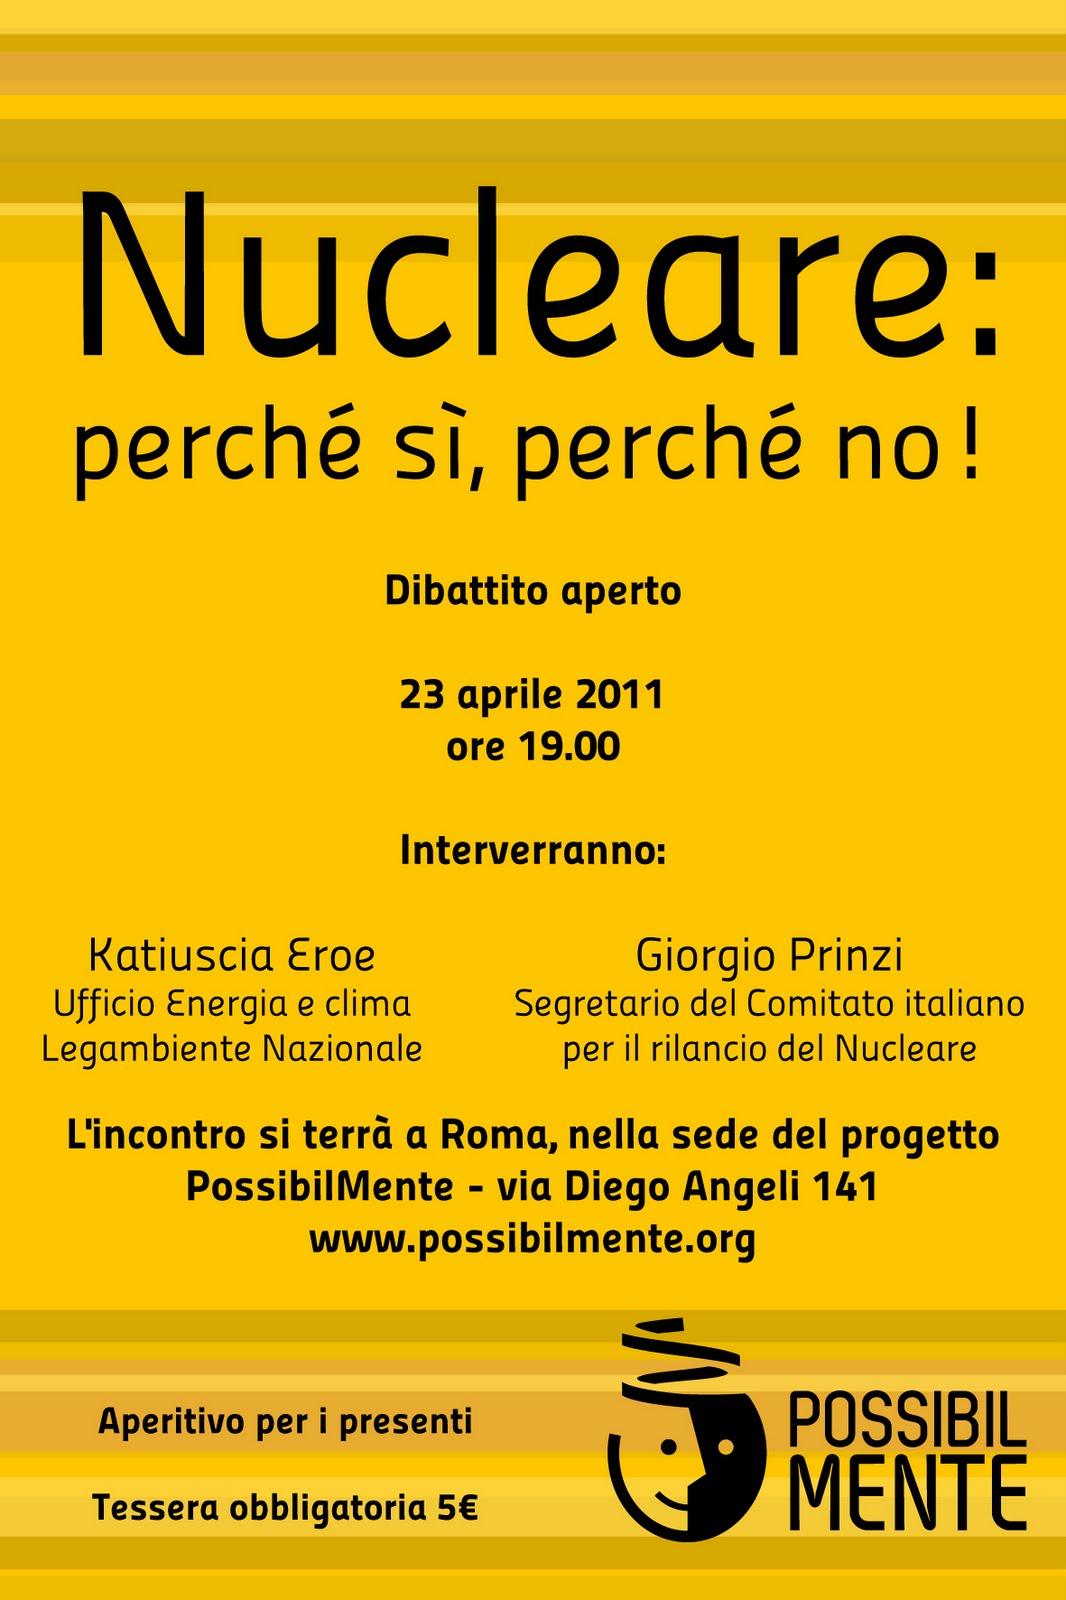 Nucleare: perchè sì, perchè no